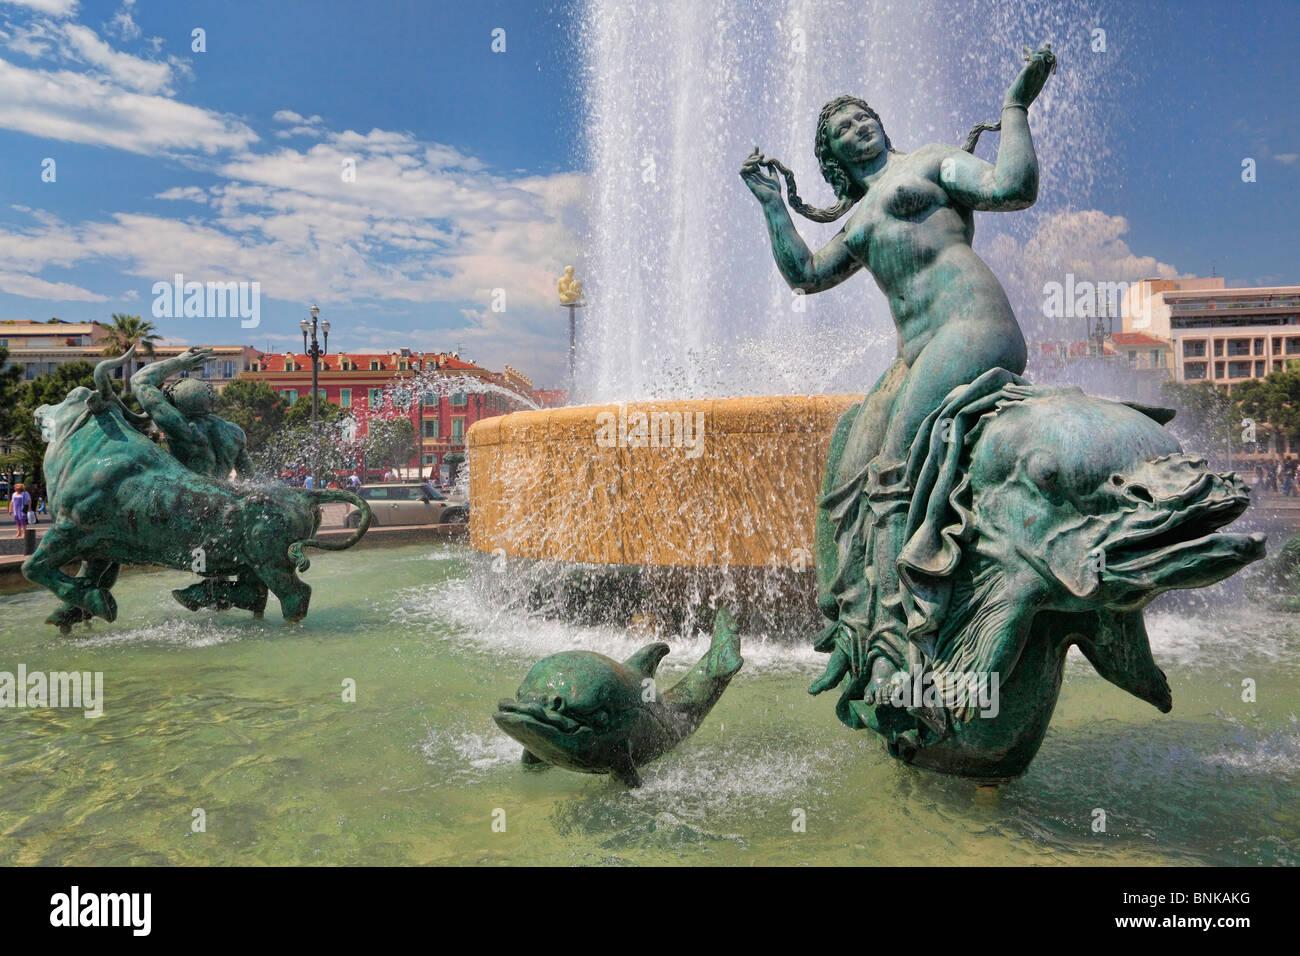 Brunnen am Place Massena in der Innenstadt von Nizza an der französischen Riviera (Côte d ' Azur) Stockbild